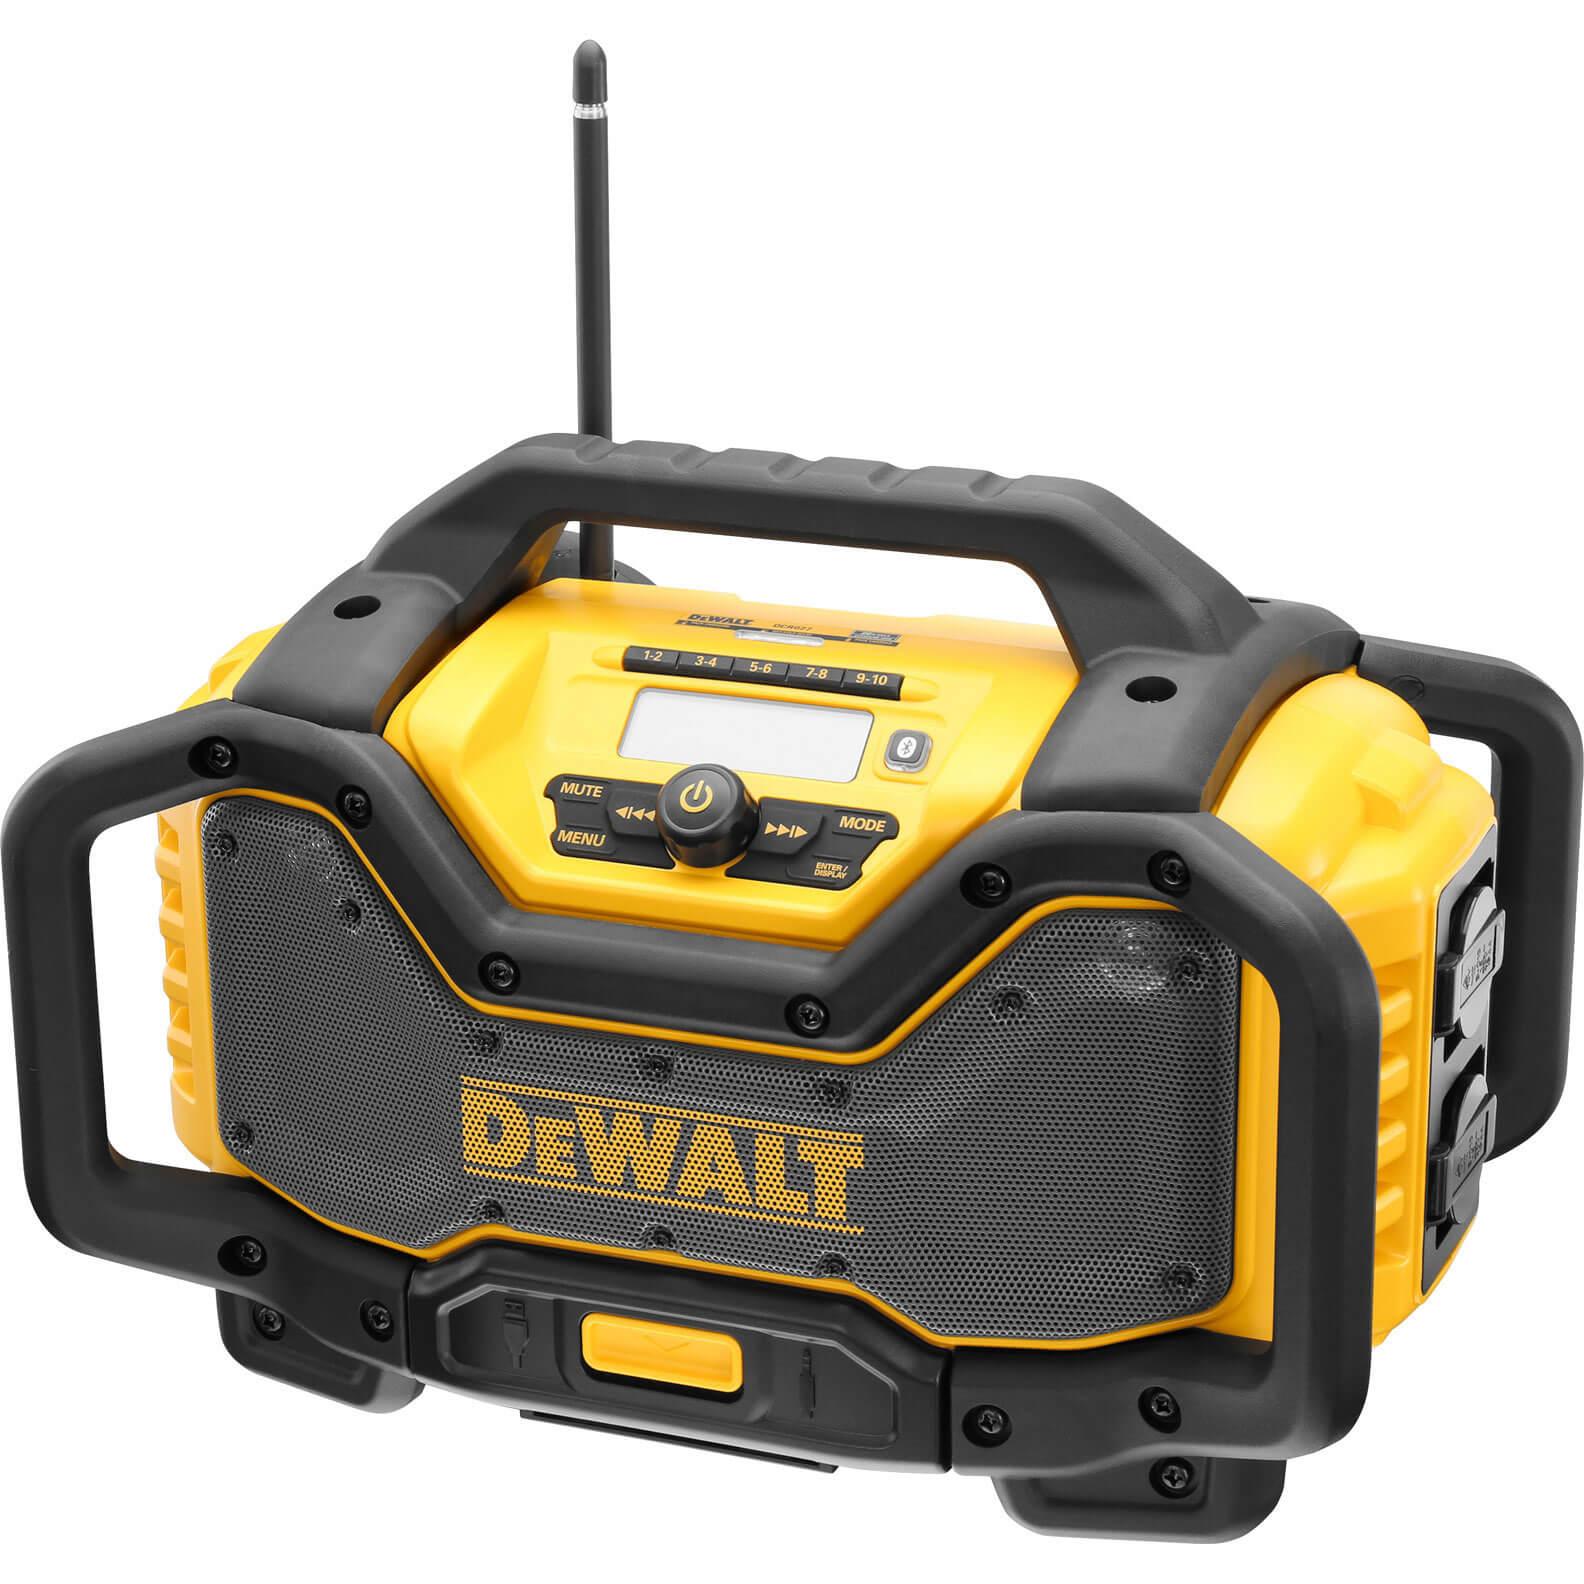 Image of DeWalt DCR027 XR DAB Job Site Workshop Radio & Battery Charger 240v